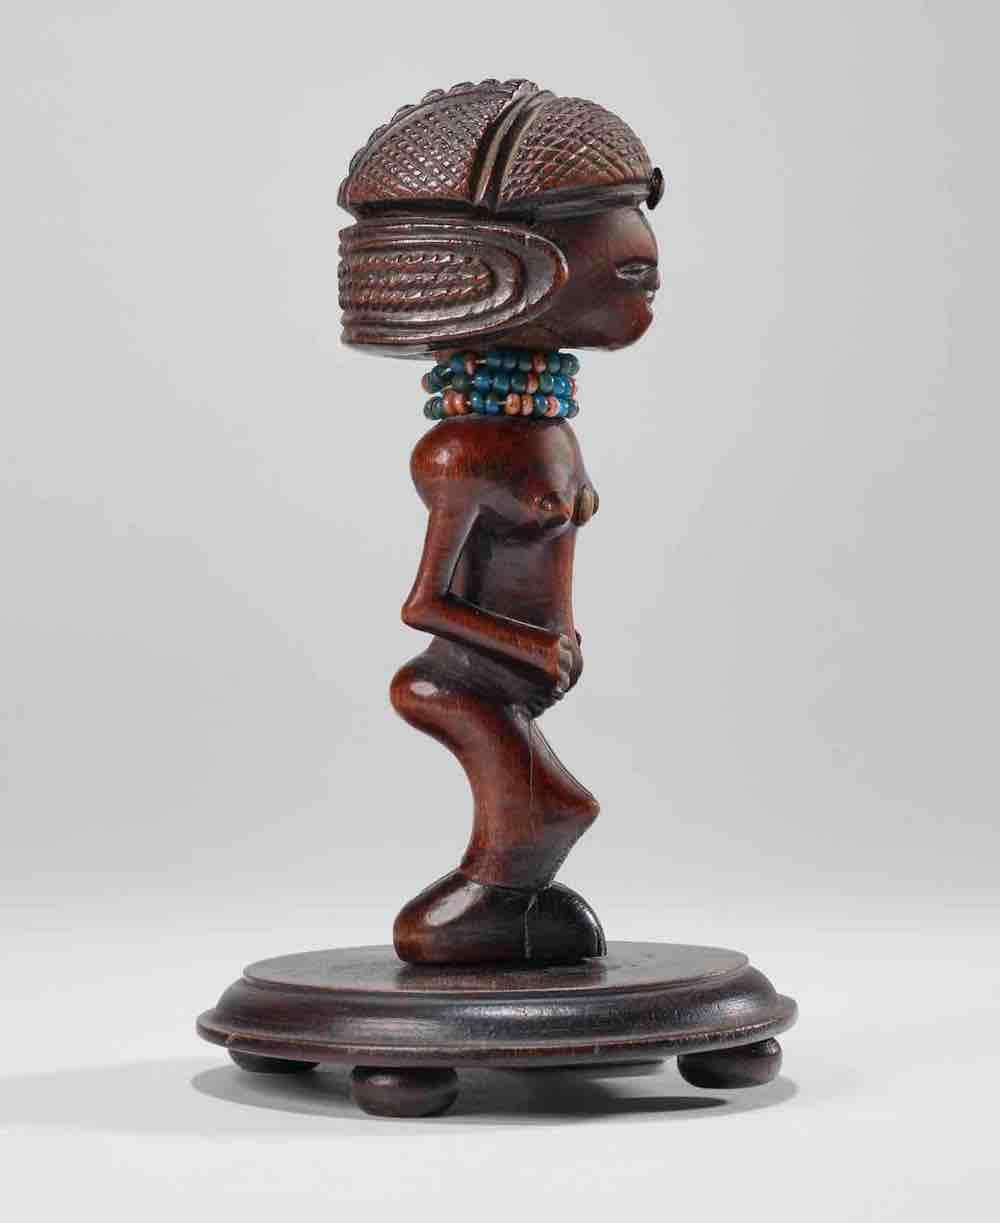 Feminine figure, Lwena Tschokwé, Angola, 19th century, wood, copper alloy, glass pearls, 15cm high, donated by Marc Ladreit de Lacharrière © musée du Quay Branly - Jacques Chirac, photo Pauline Guyon.